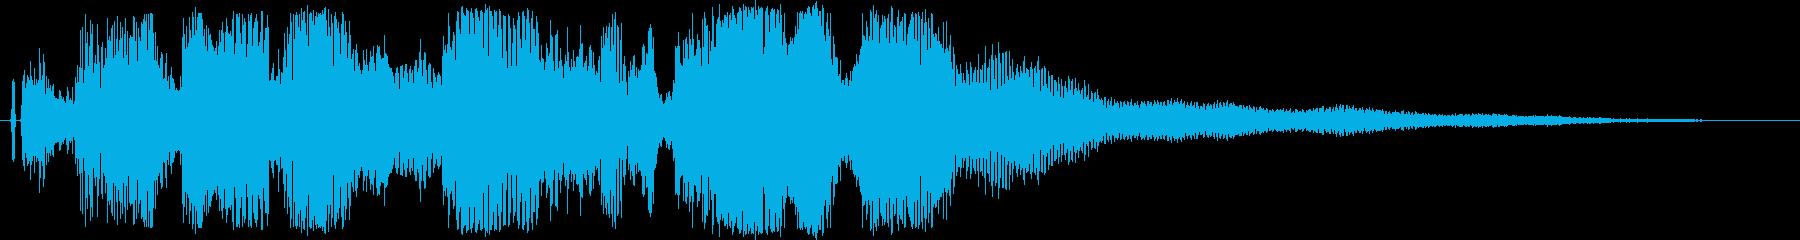 DJ,ラジオ,映像,クリエイター様に!1の再生済みの波形